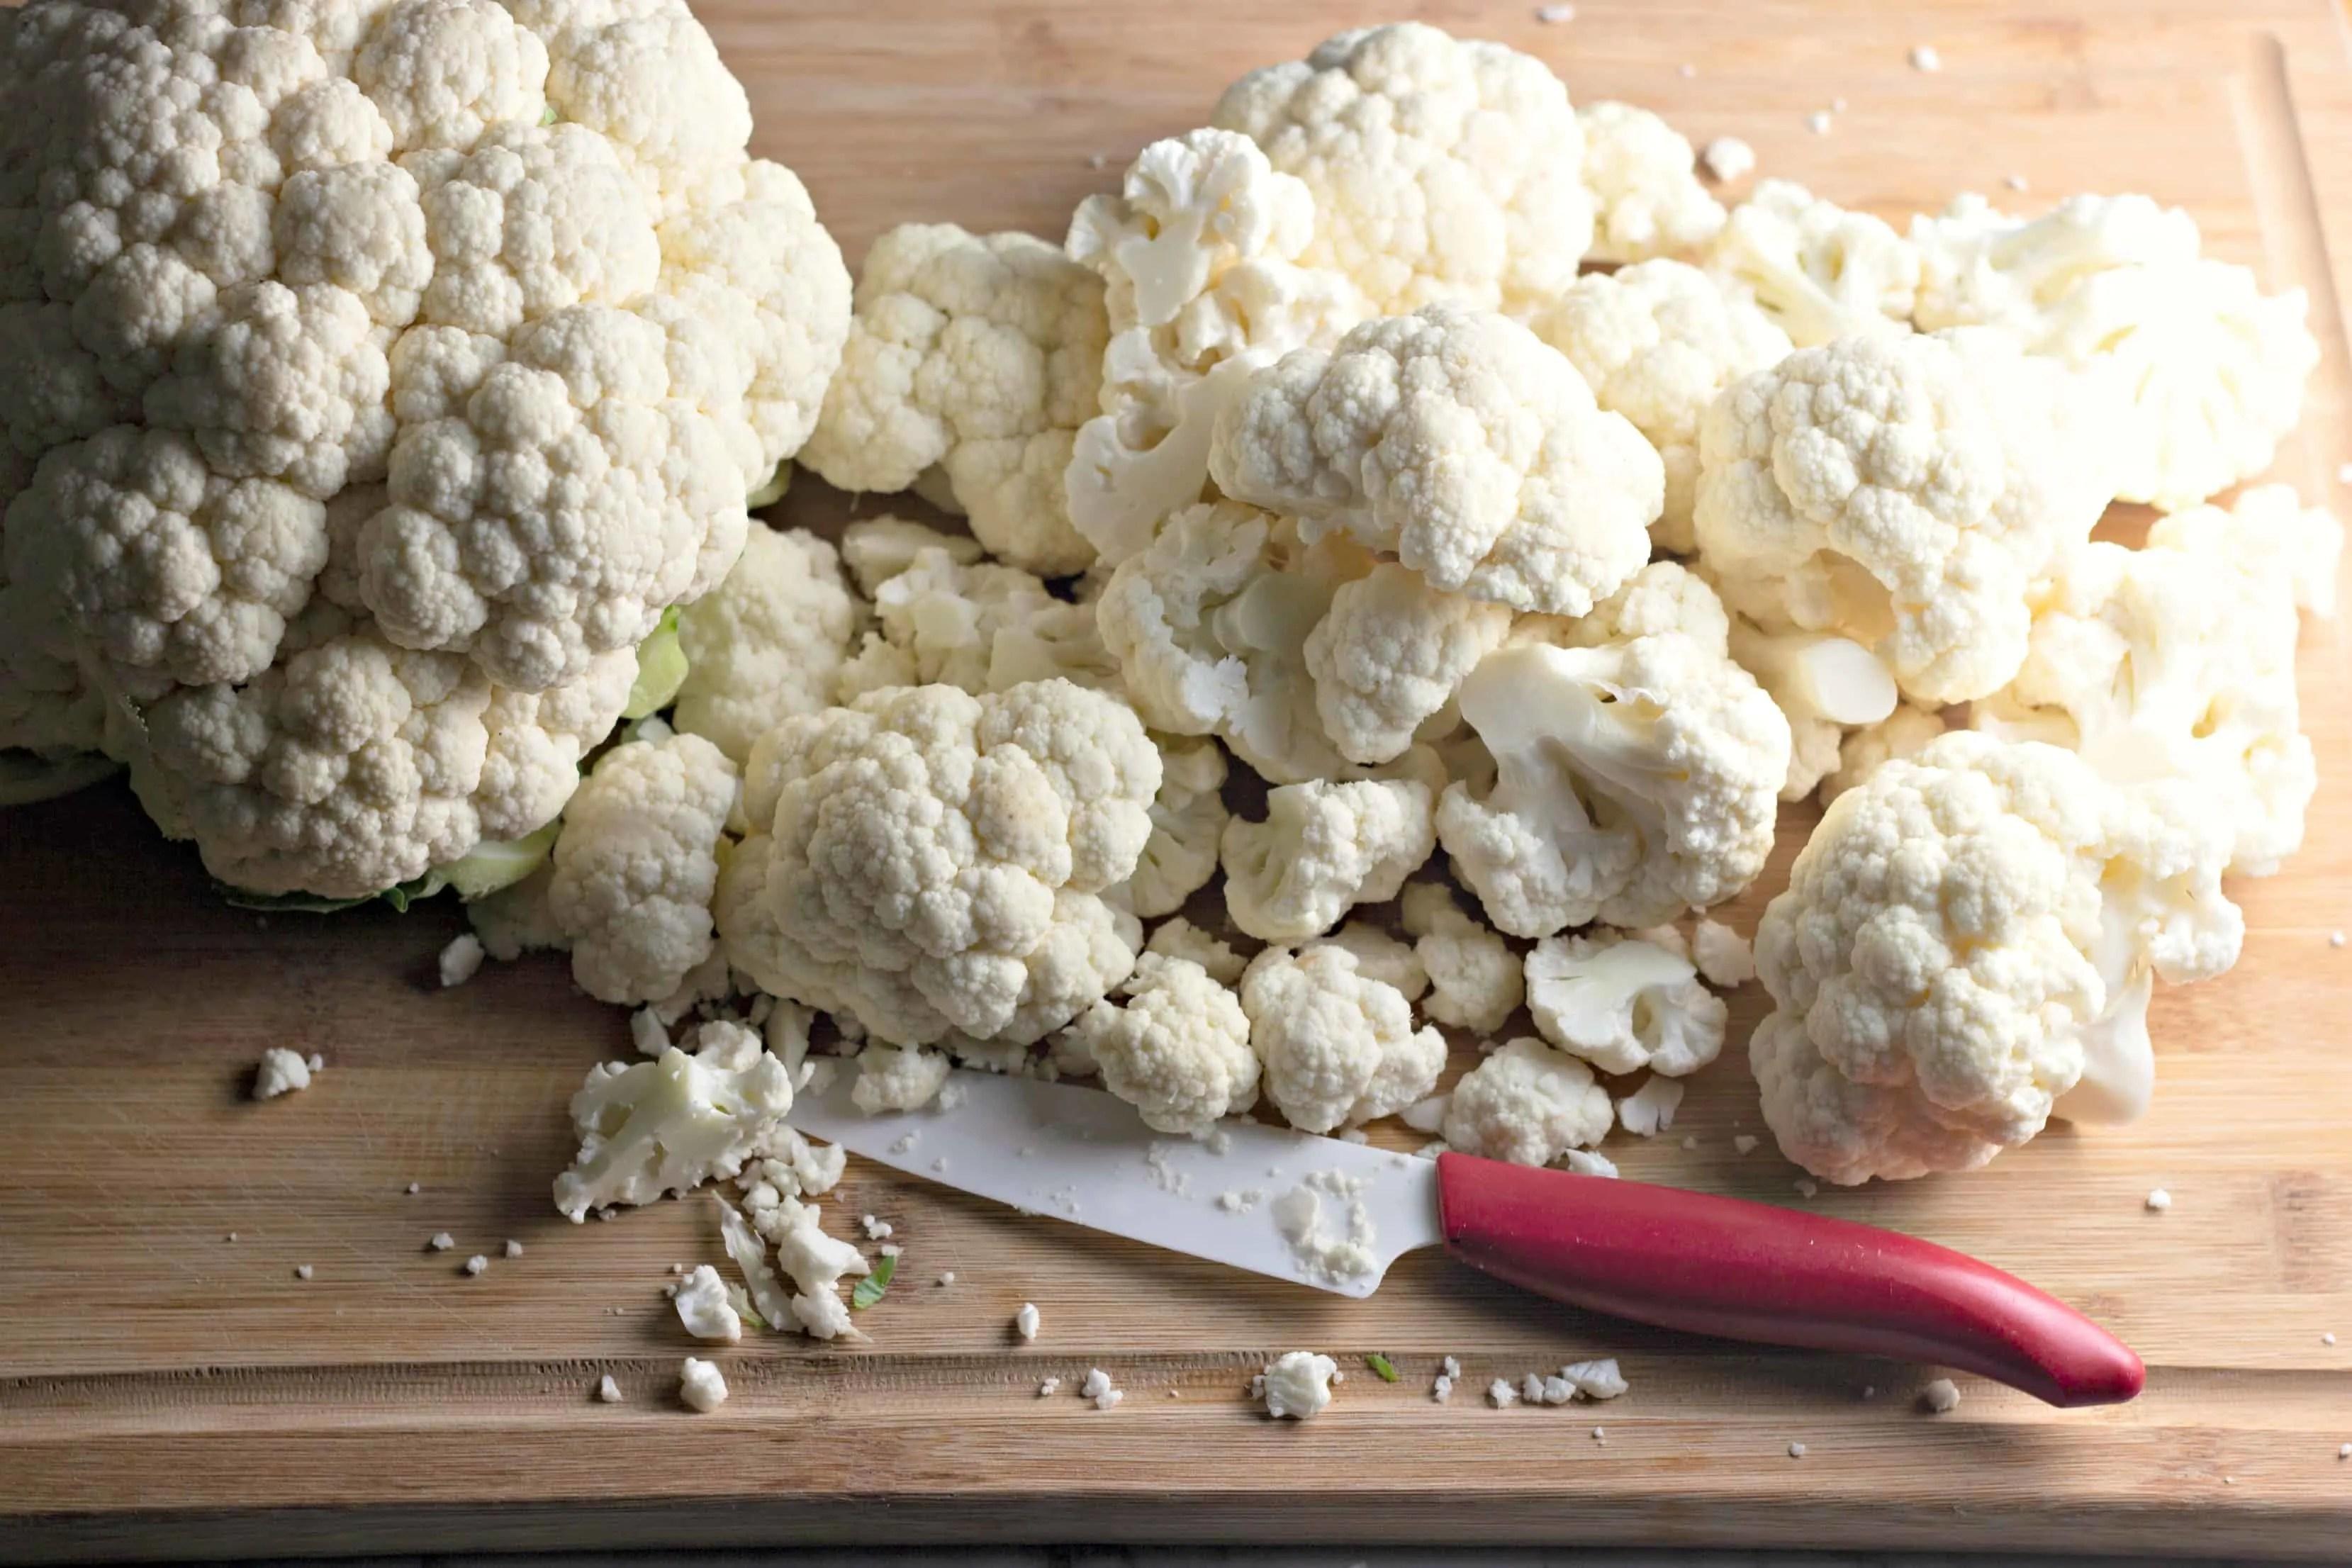 Cauliflower on cutting board